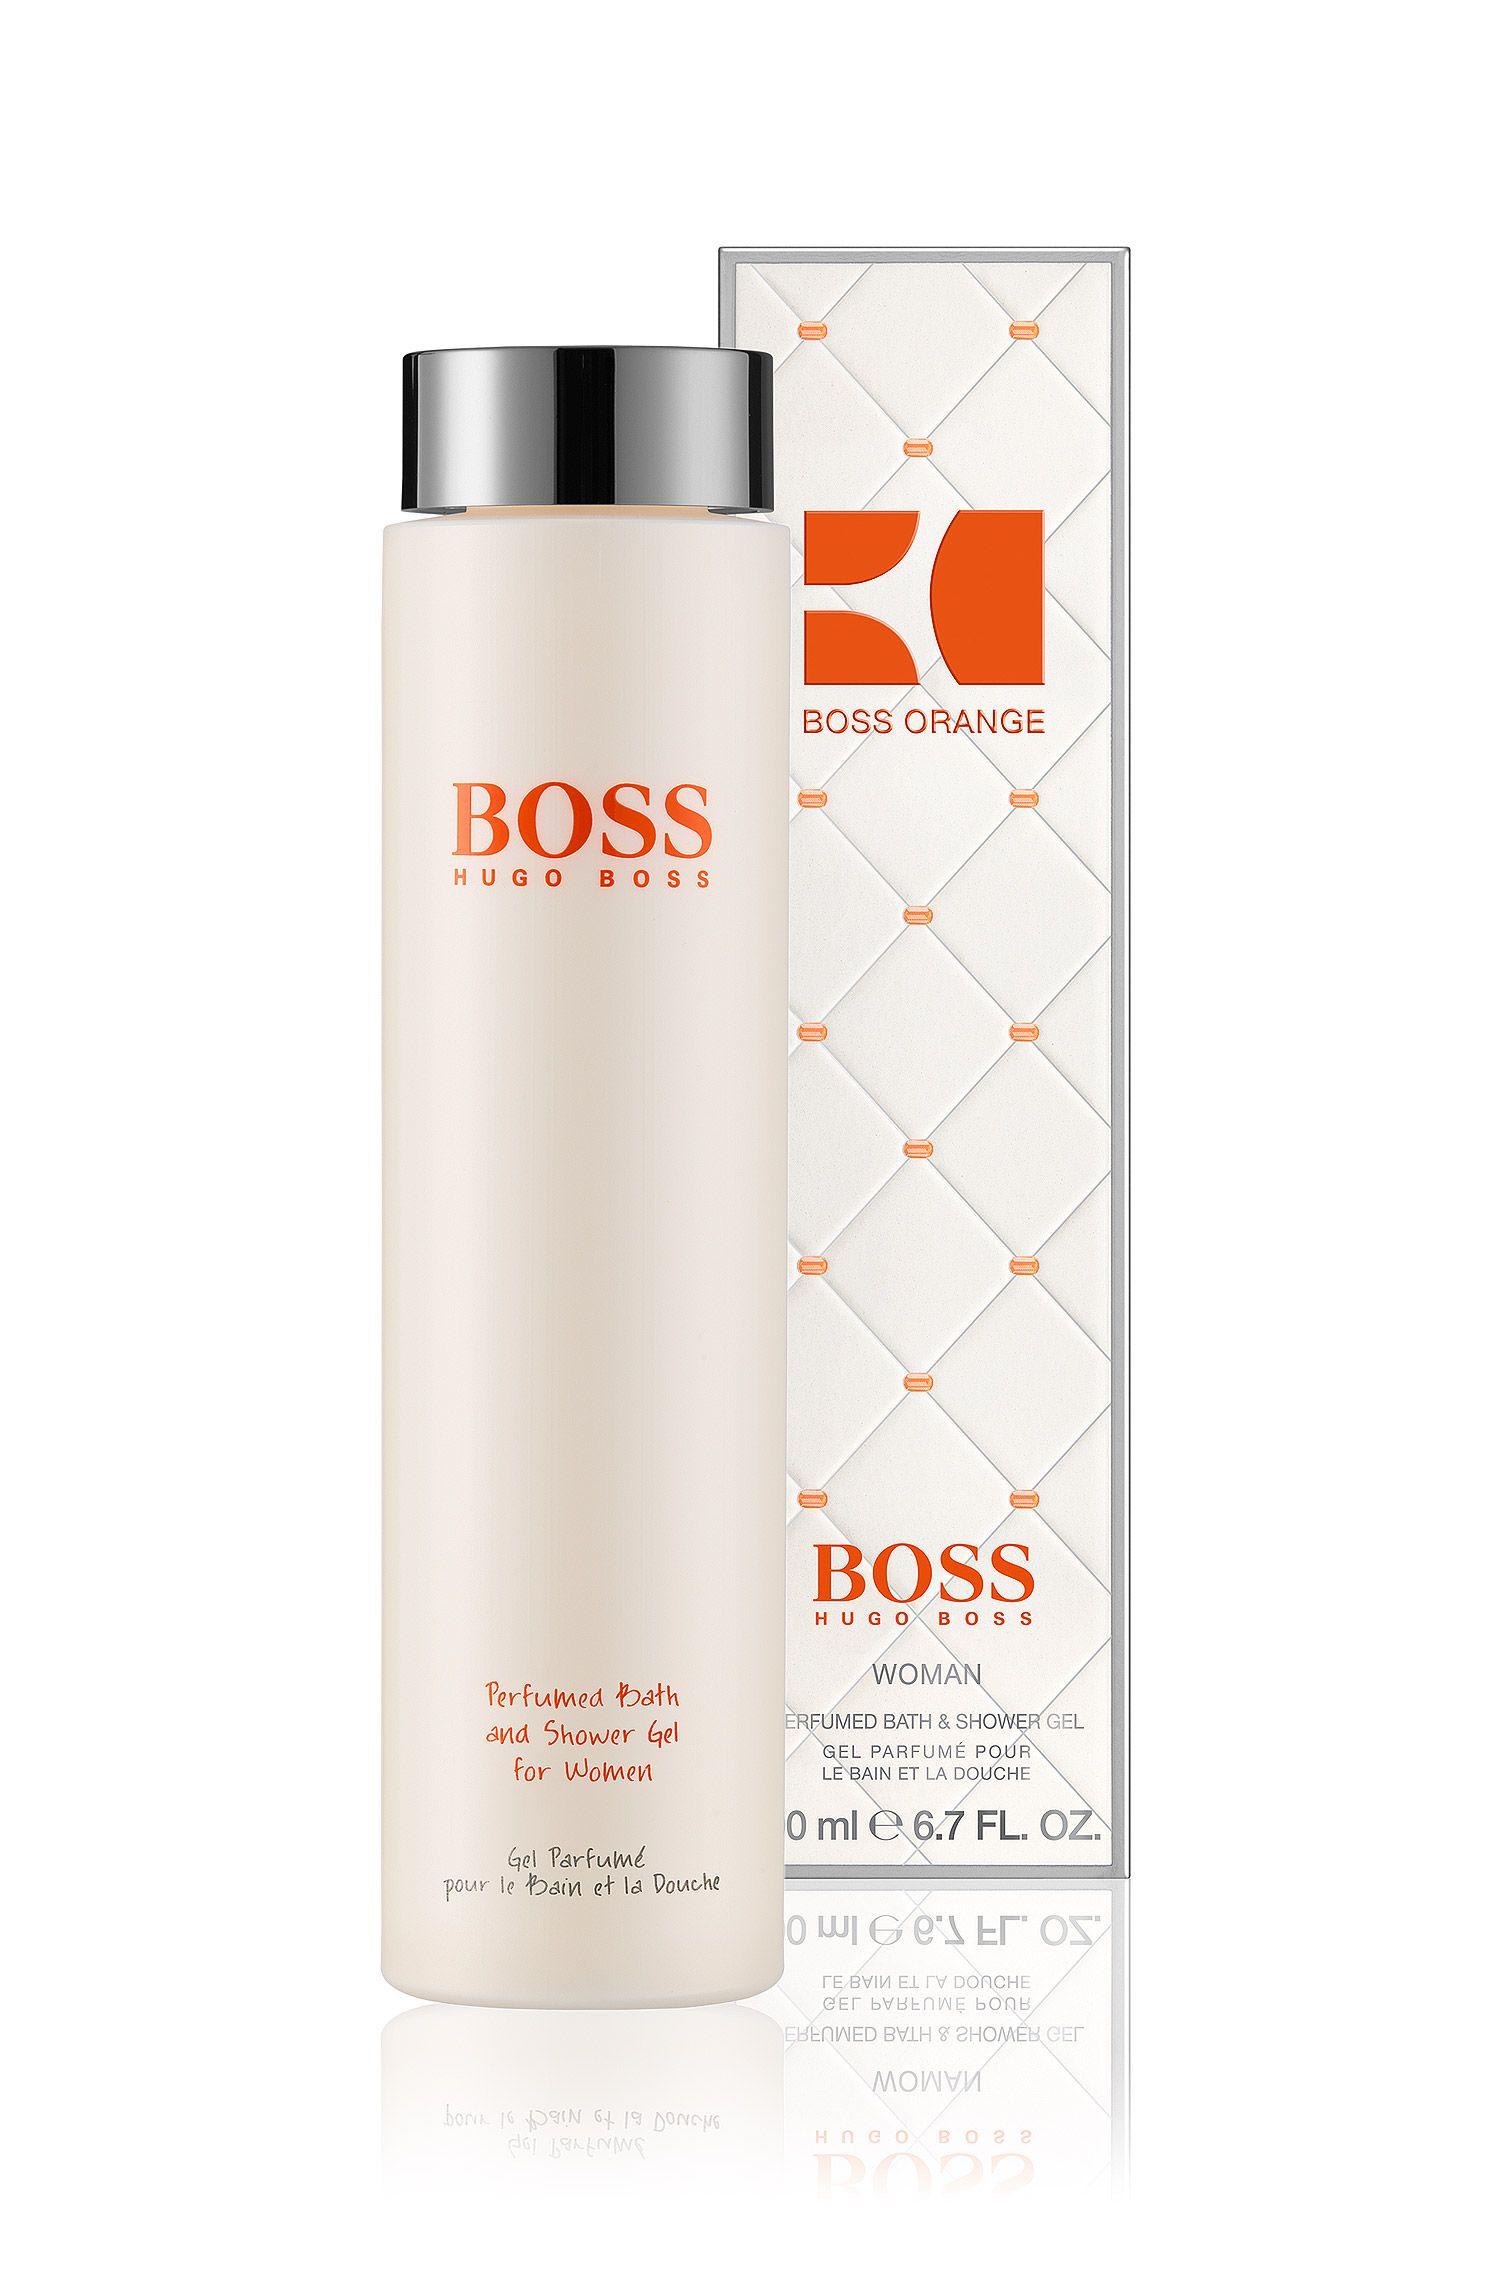 BOSS Orange Woman Showergel 200 ml